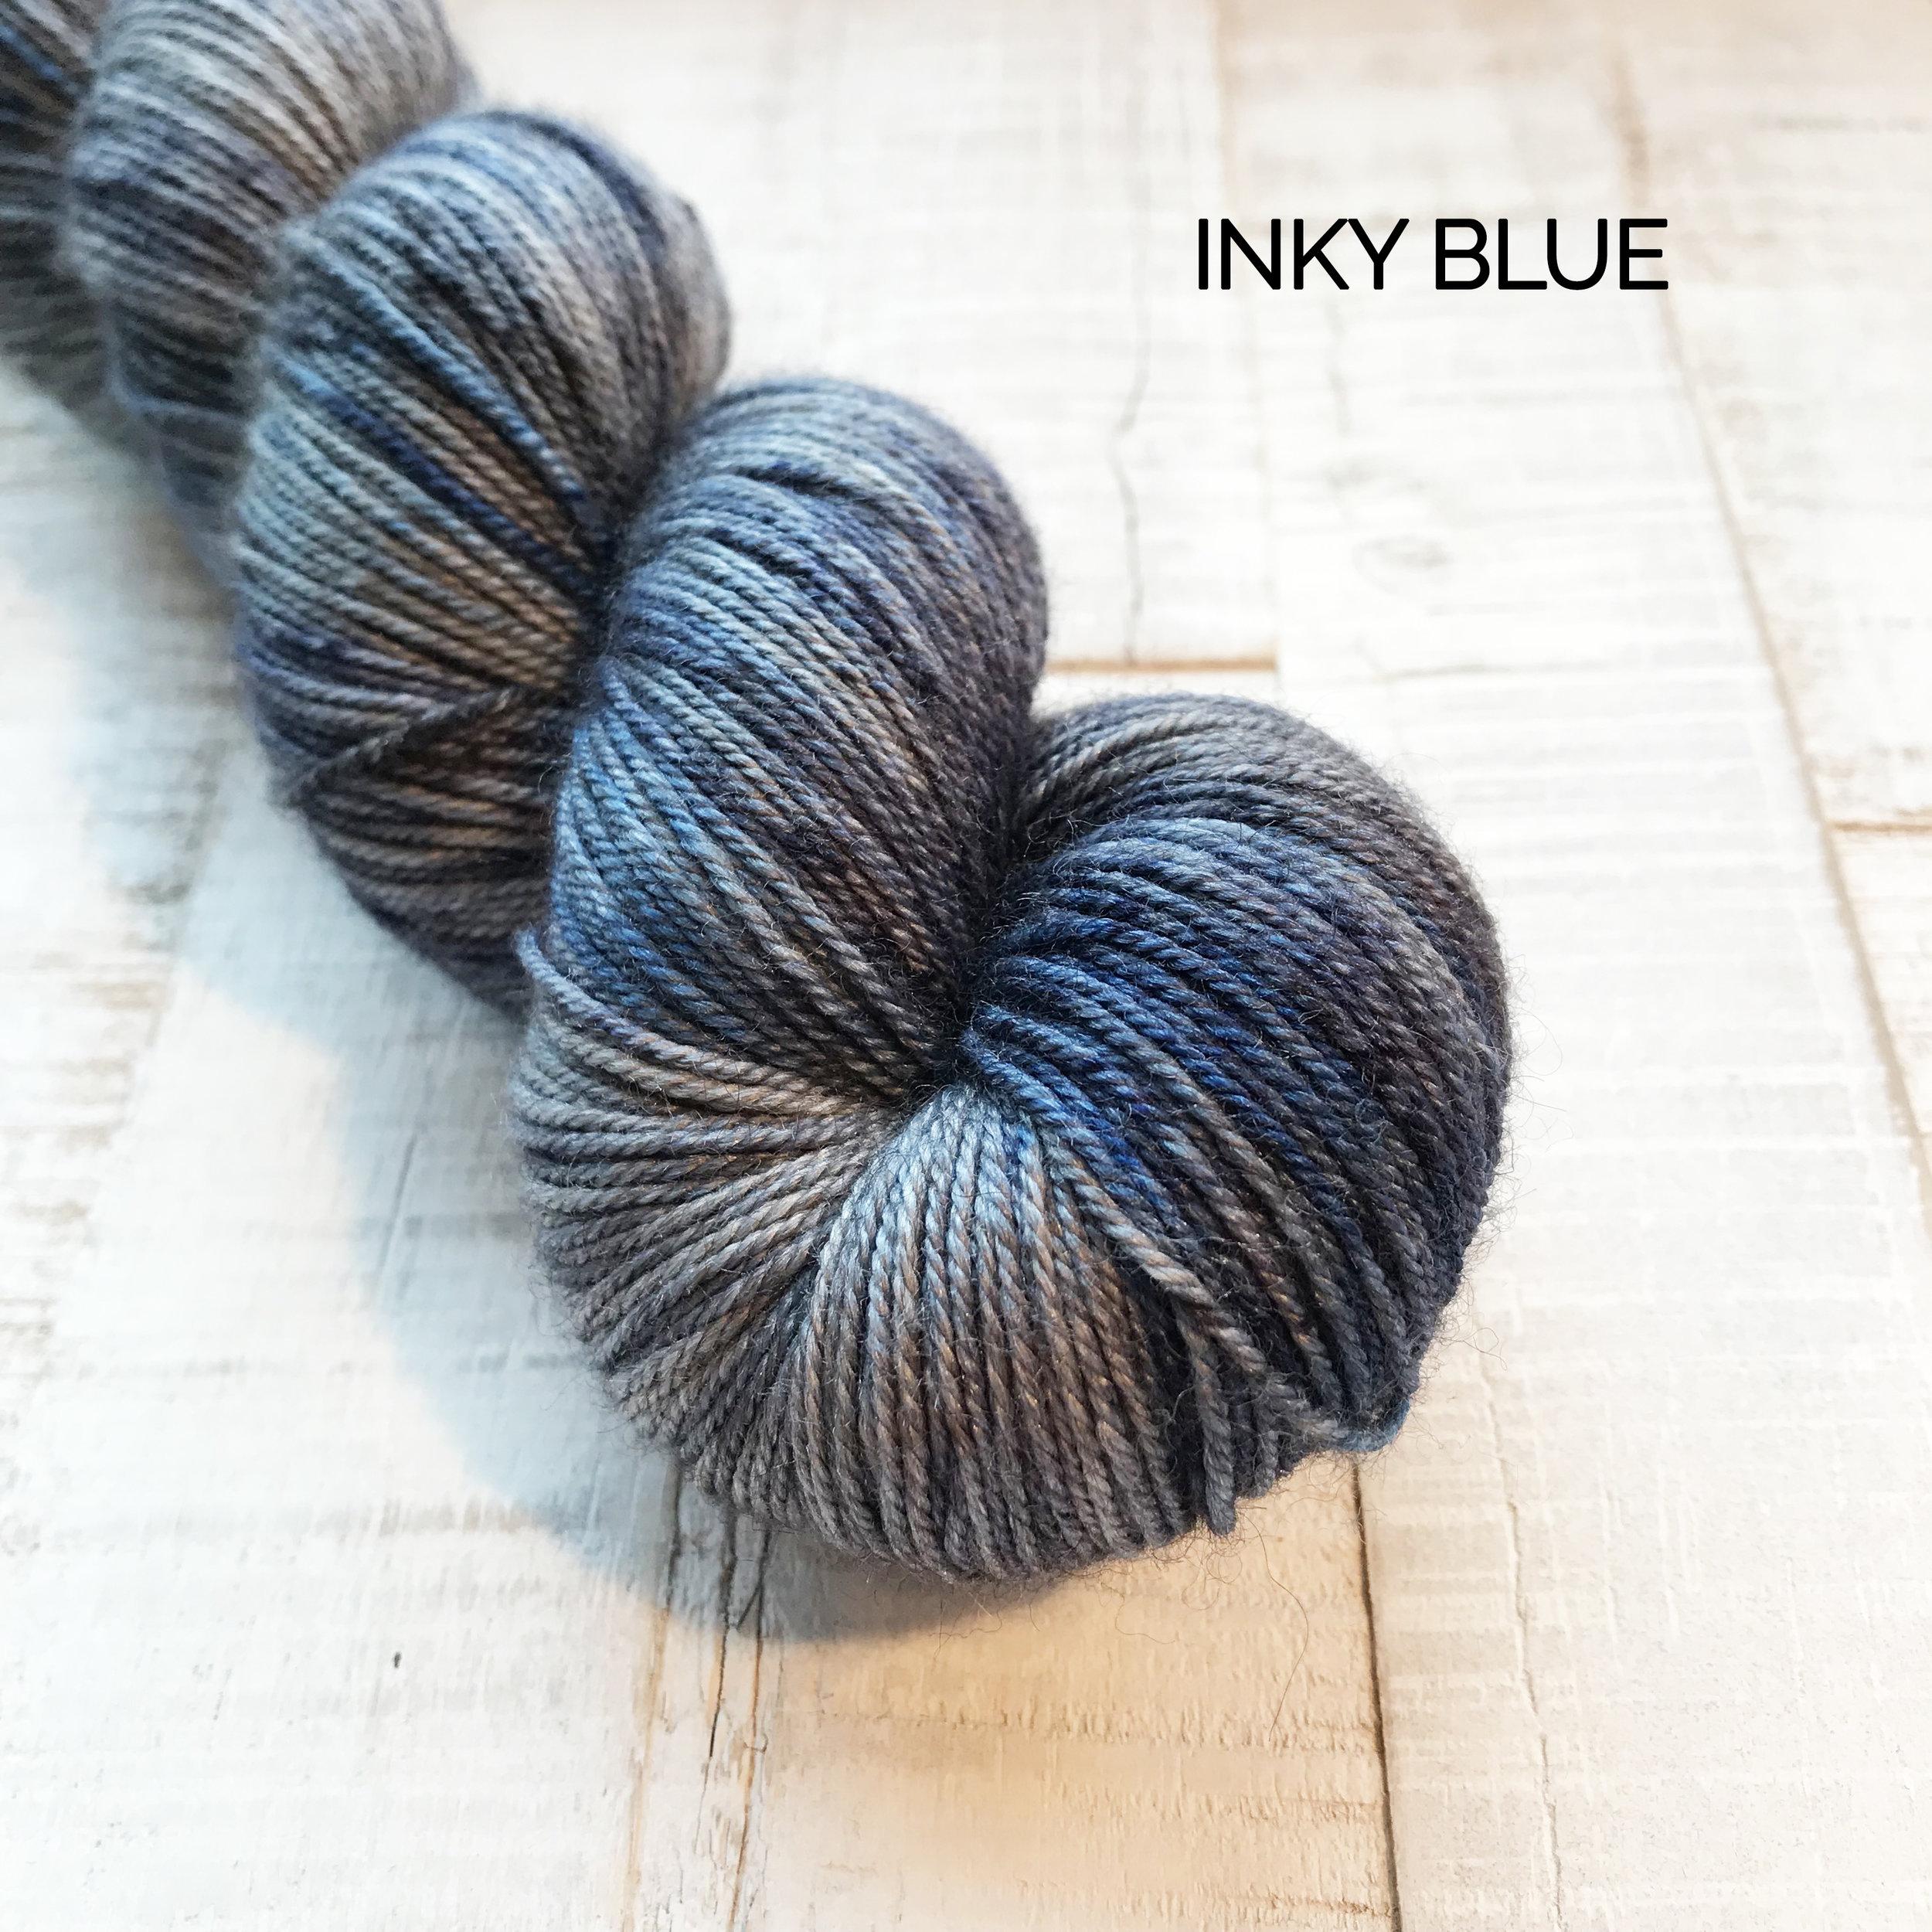 INKY BLUE TUBOTE.jpg